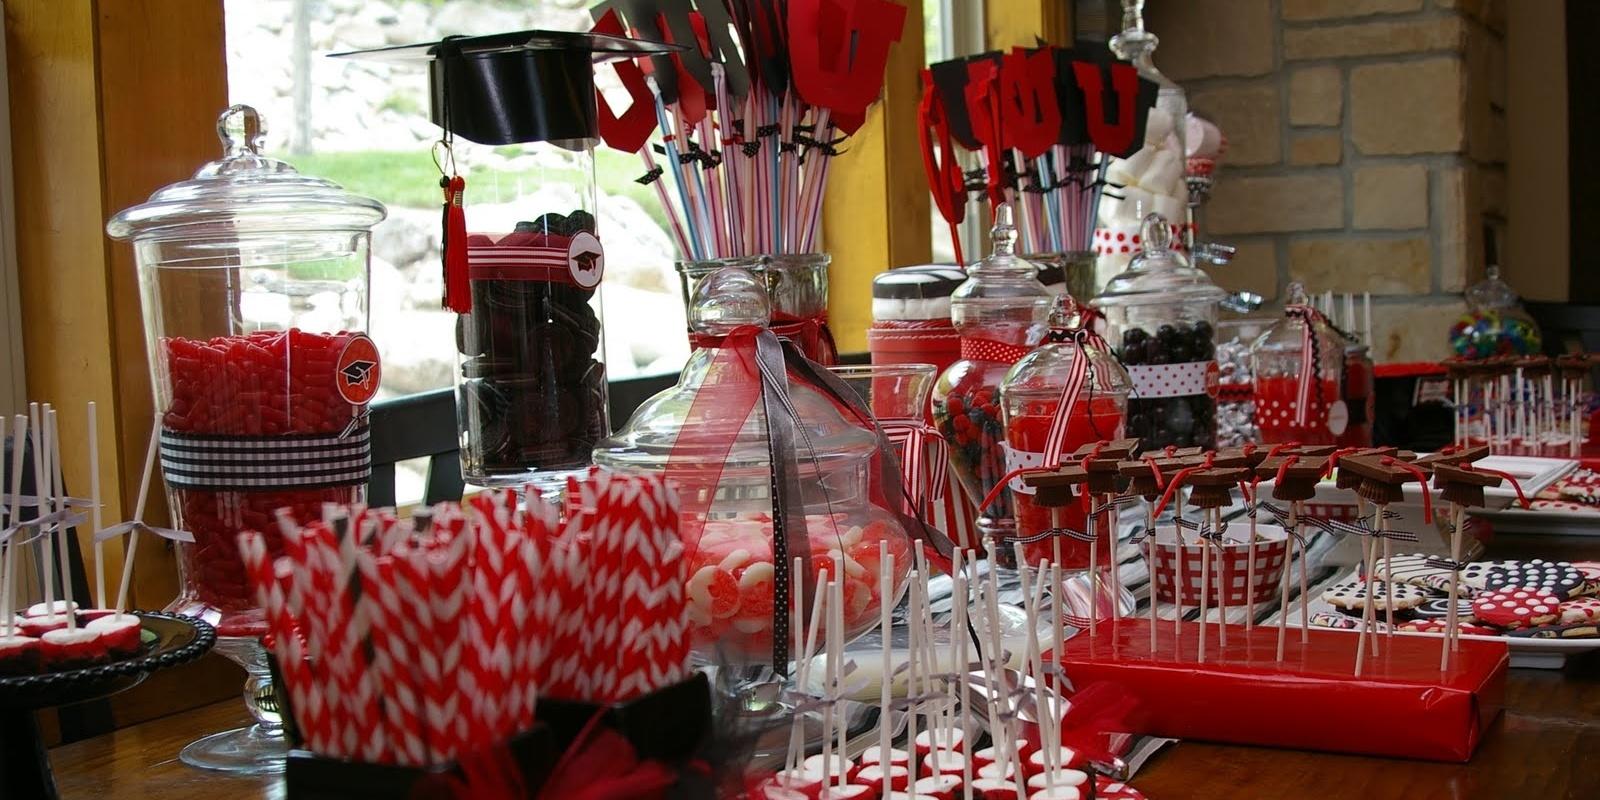 5 locali di napoli dove brindare alla festa di laurea for Idee per addobbare festa di laurea